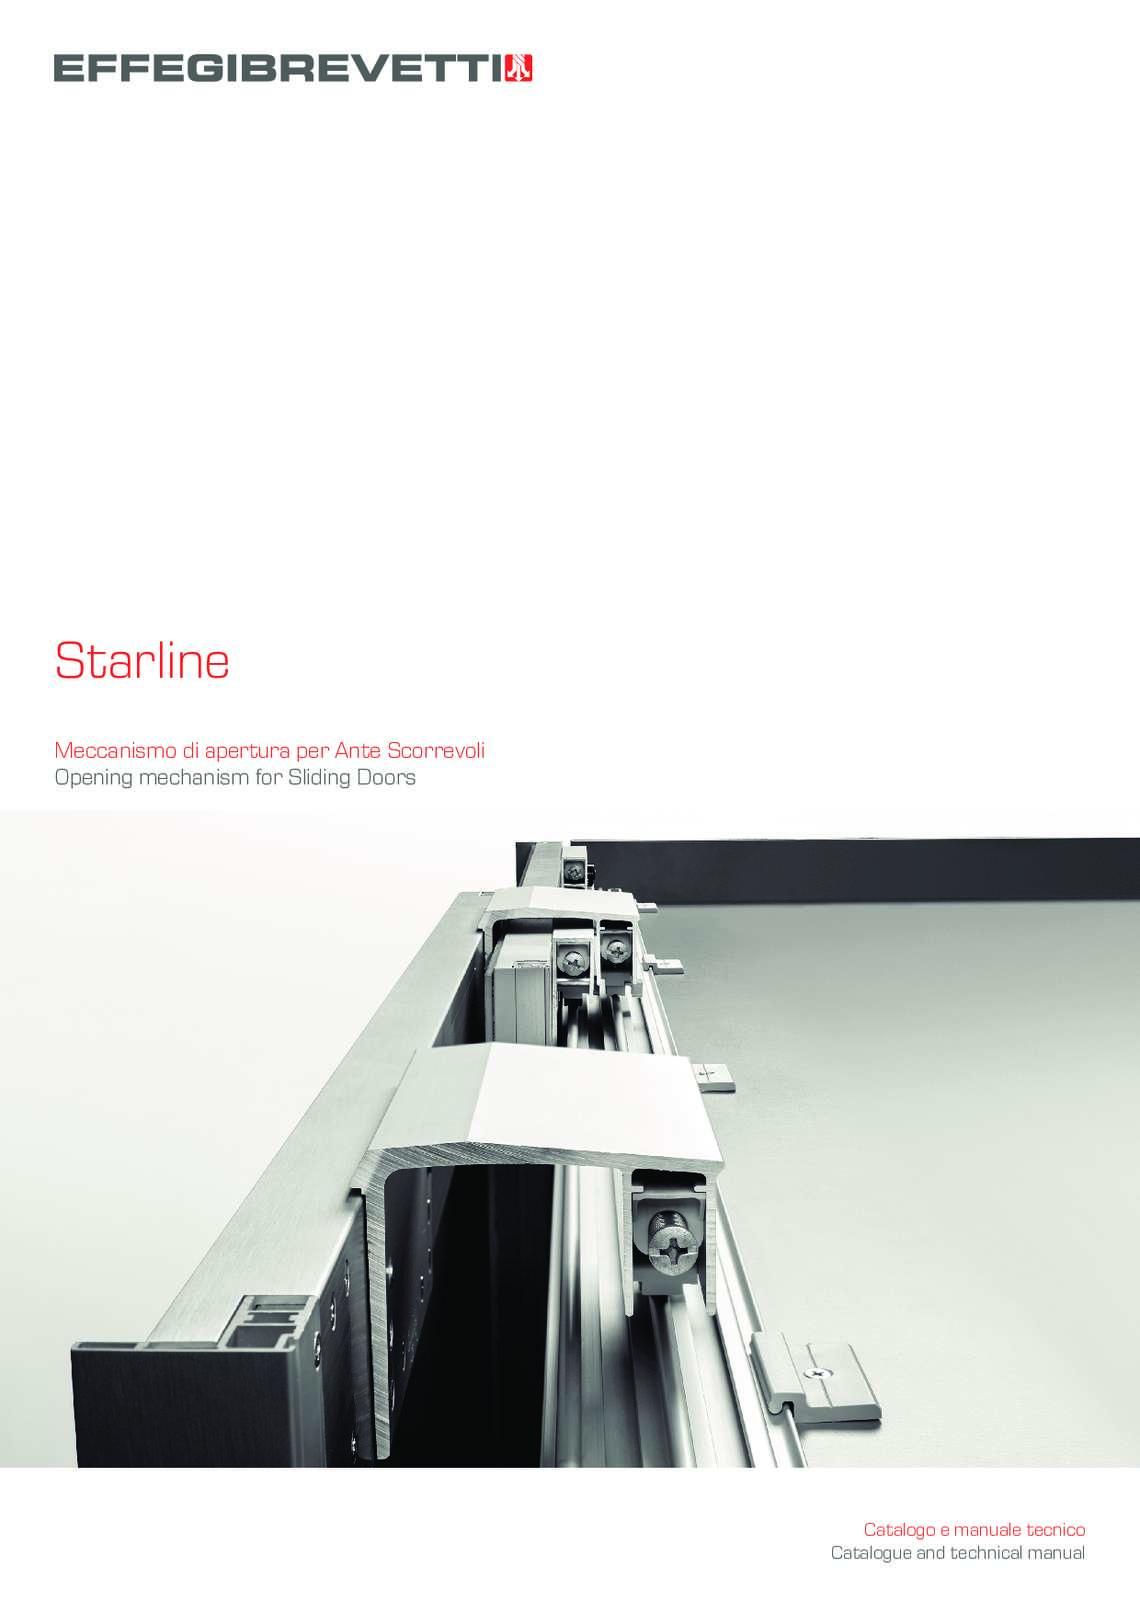 Starline Meccanismo Ante scorrevoli Effegibrevetti